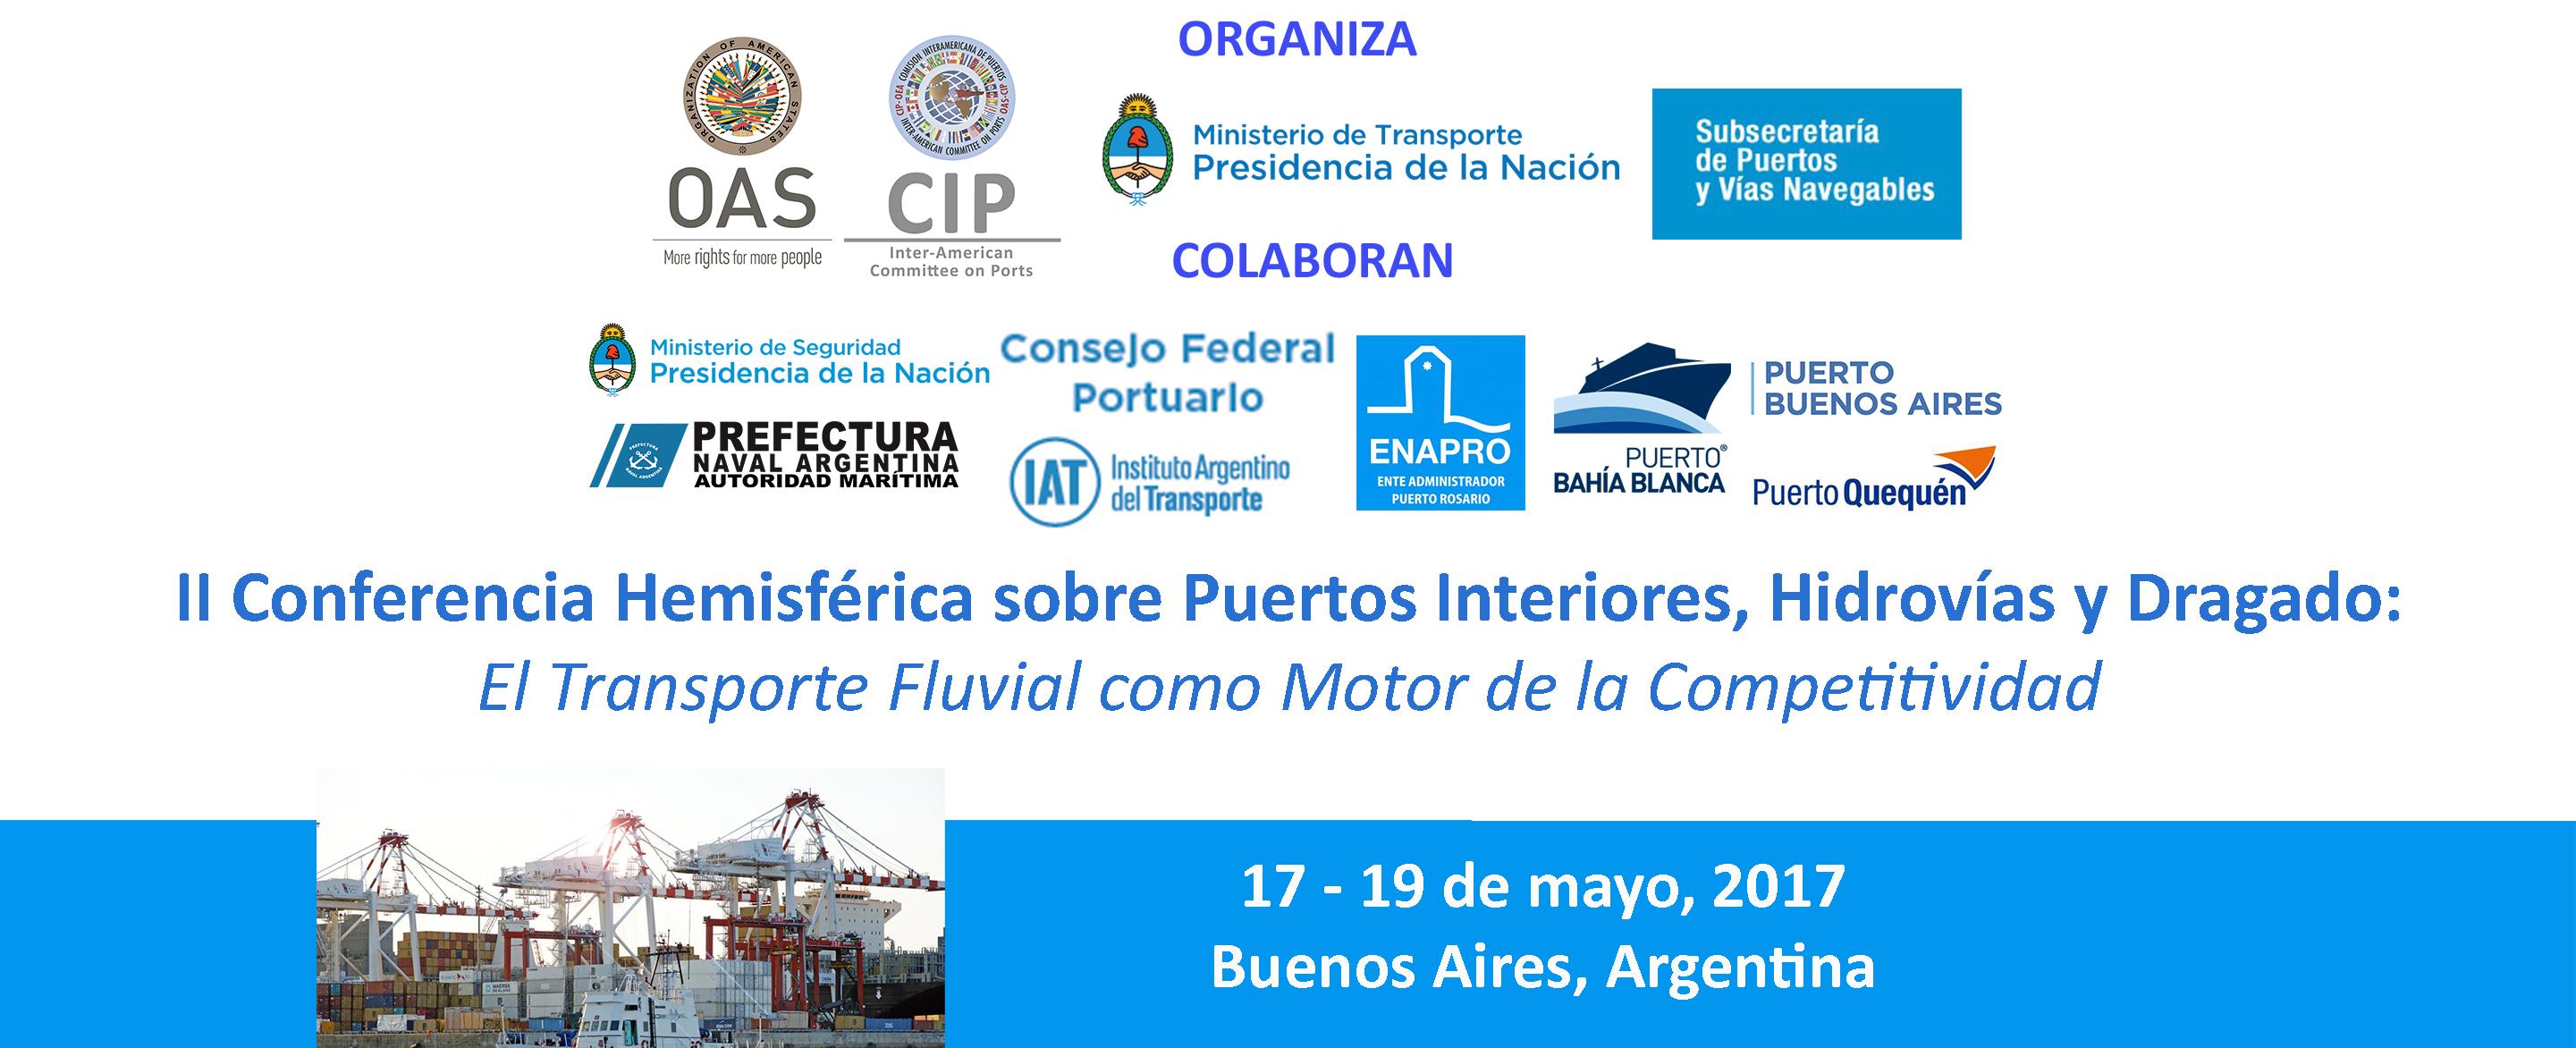 II Conferencia Hemisférica sobre Puertos Interiores, Hidrovías y Dragado: El Transporte Fluvial como Motor de la Competitividad